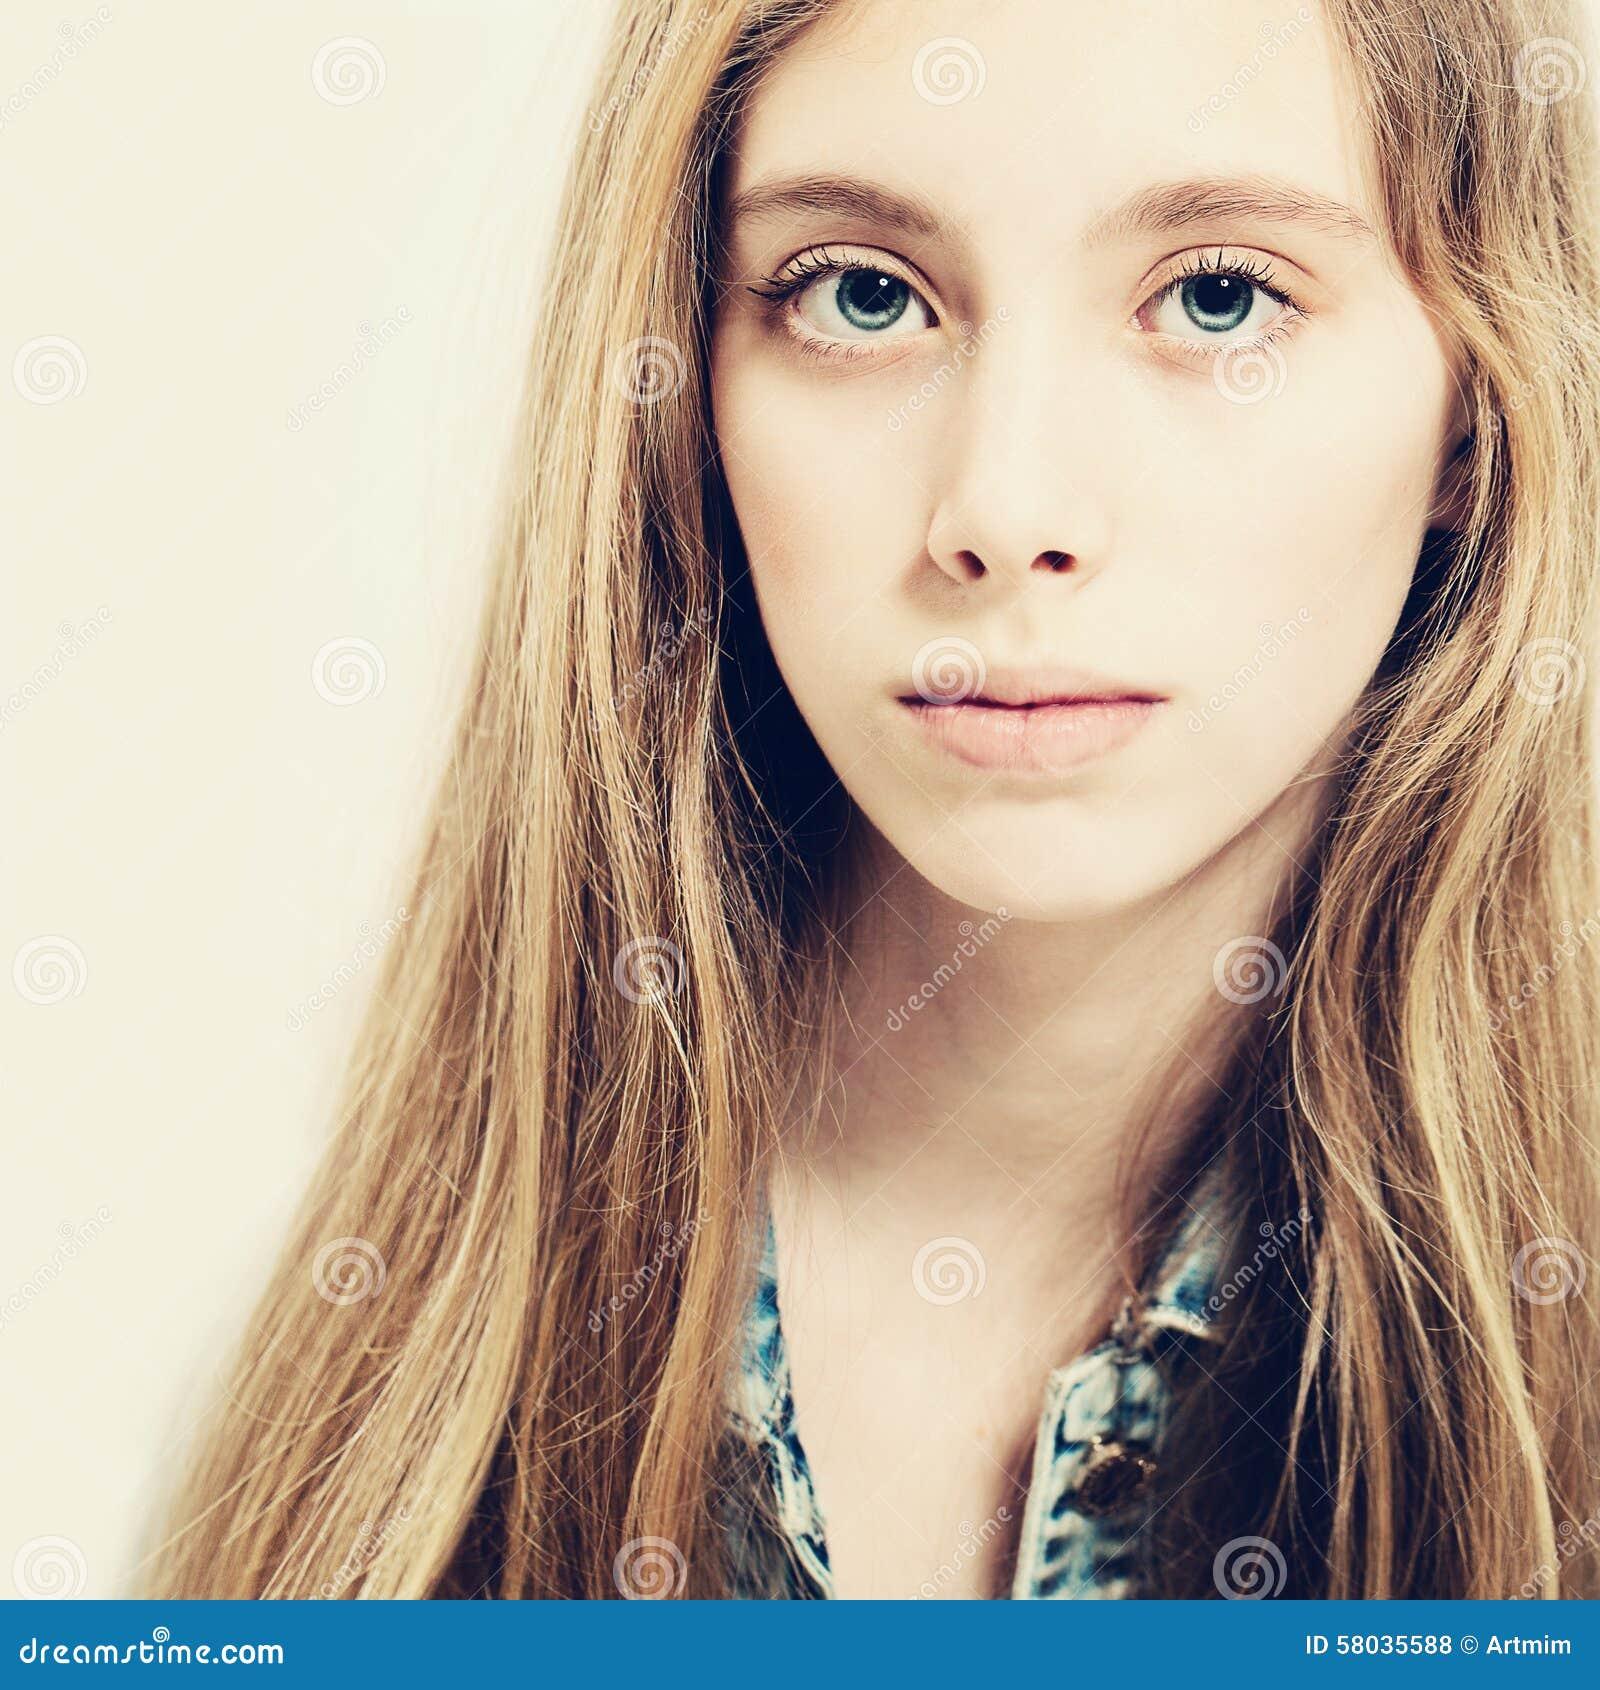 Jonge schoonheid leuk meisje de mannequin van de tiener stock foto afbeelding 58035588 - Tiener meubilair ruimte meisje ...